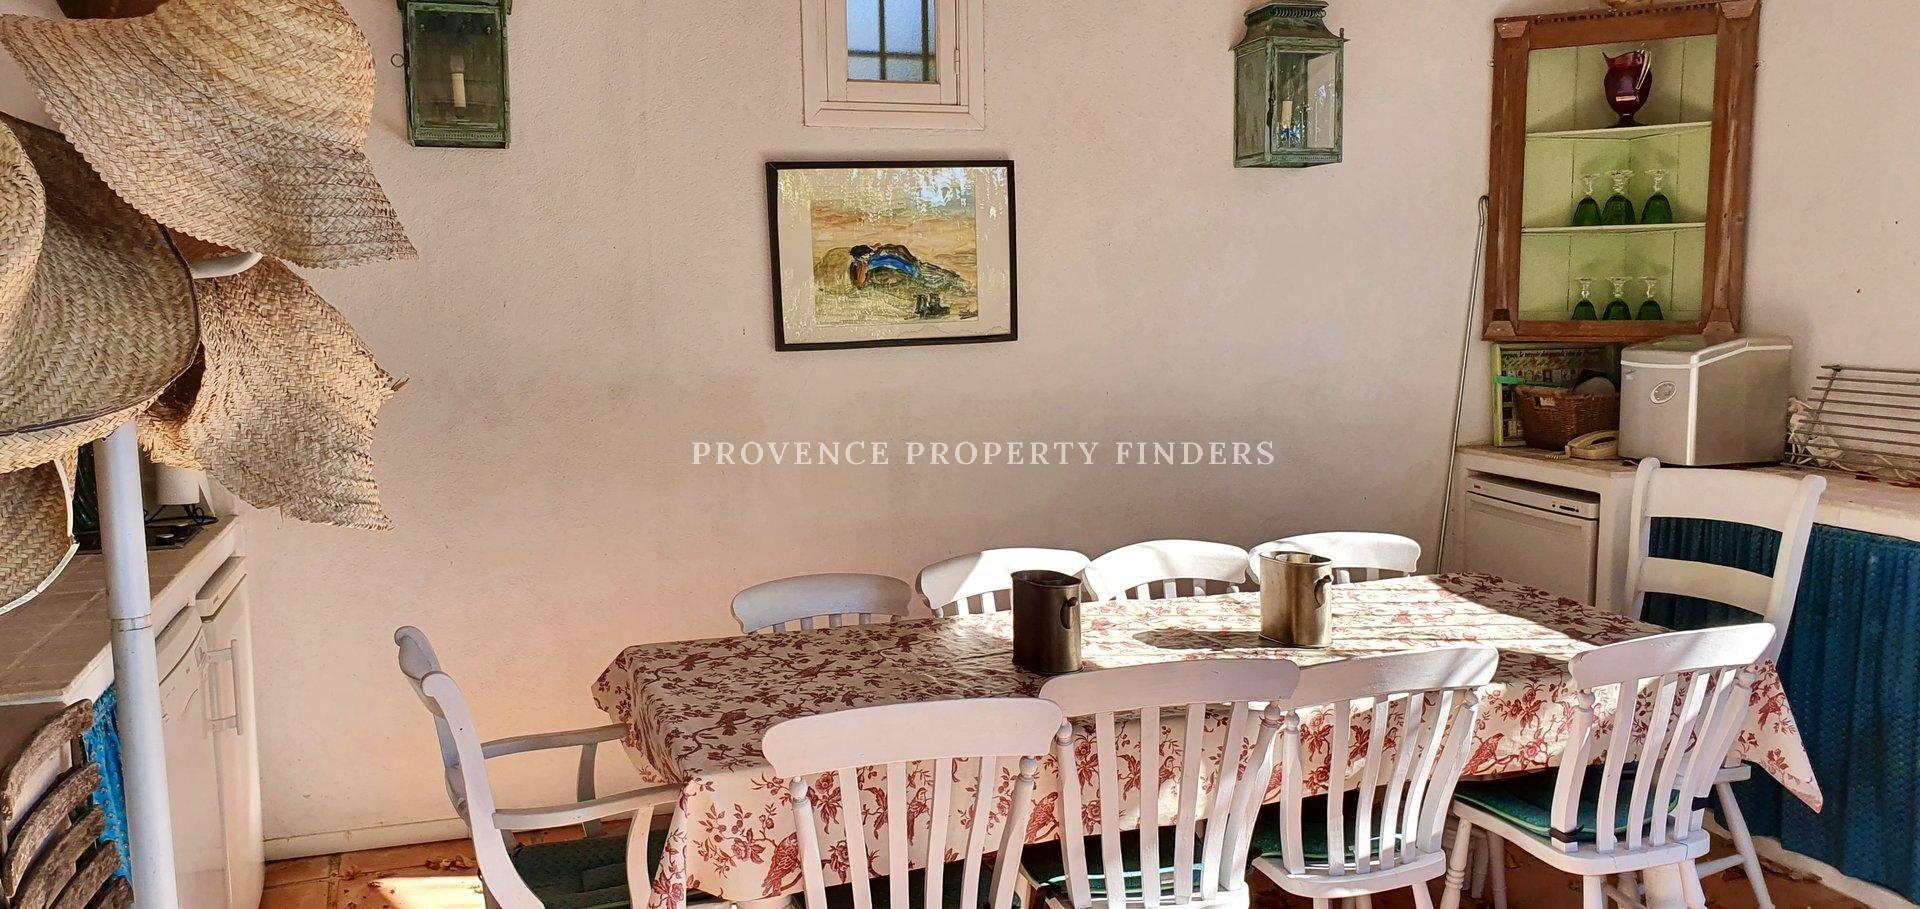 Maison de famille (5 Chambre) en Provence.